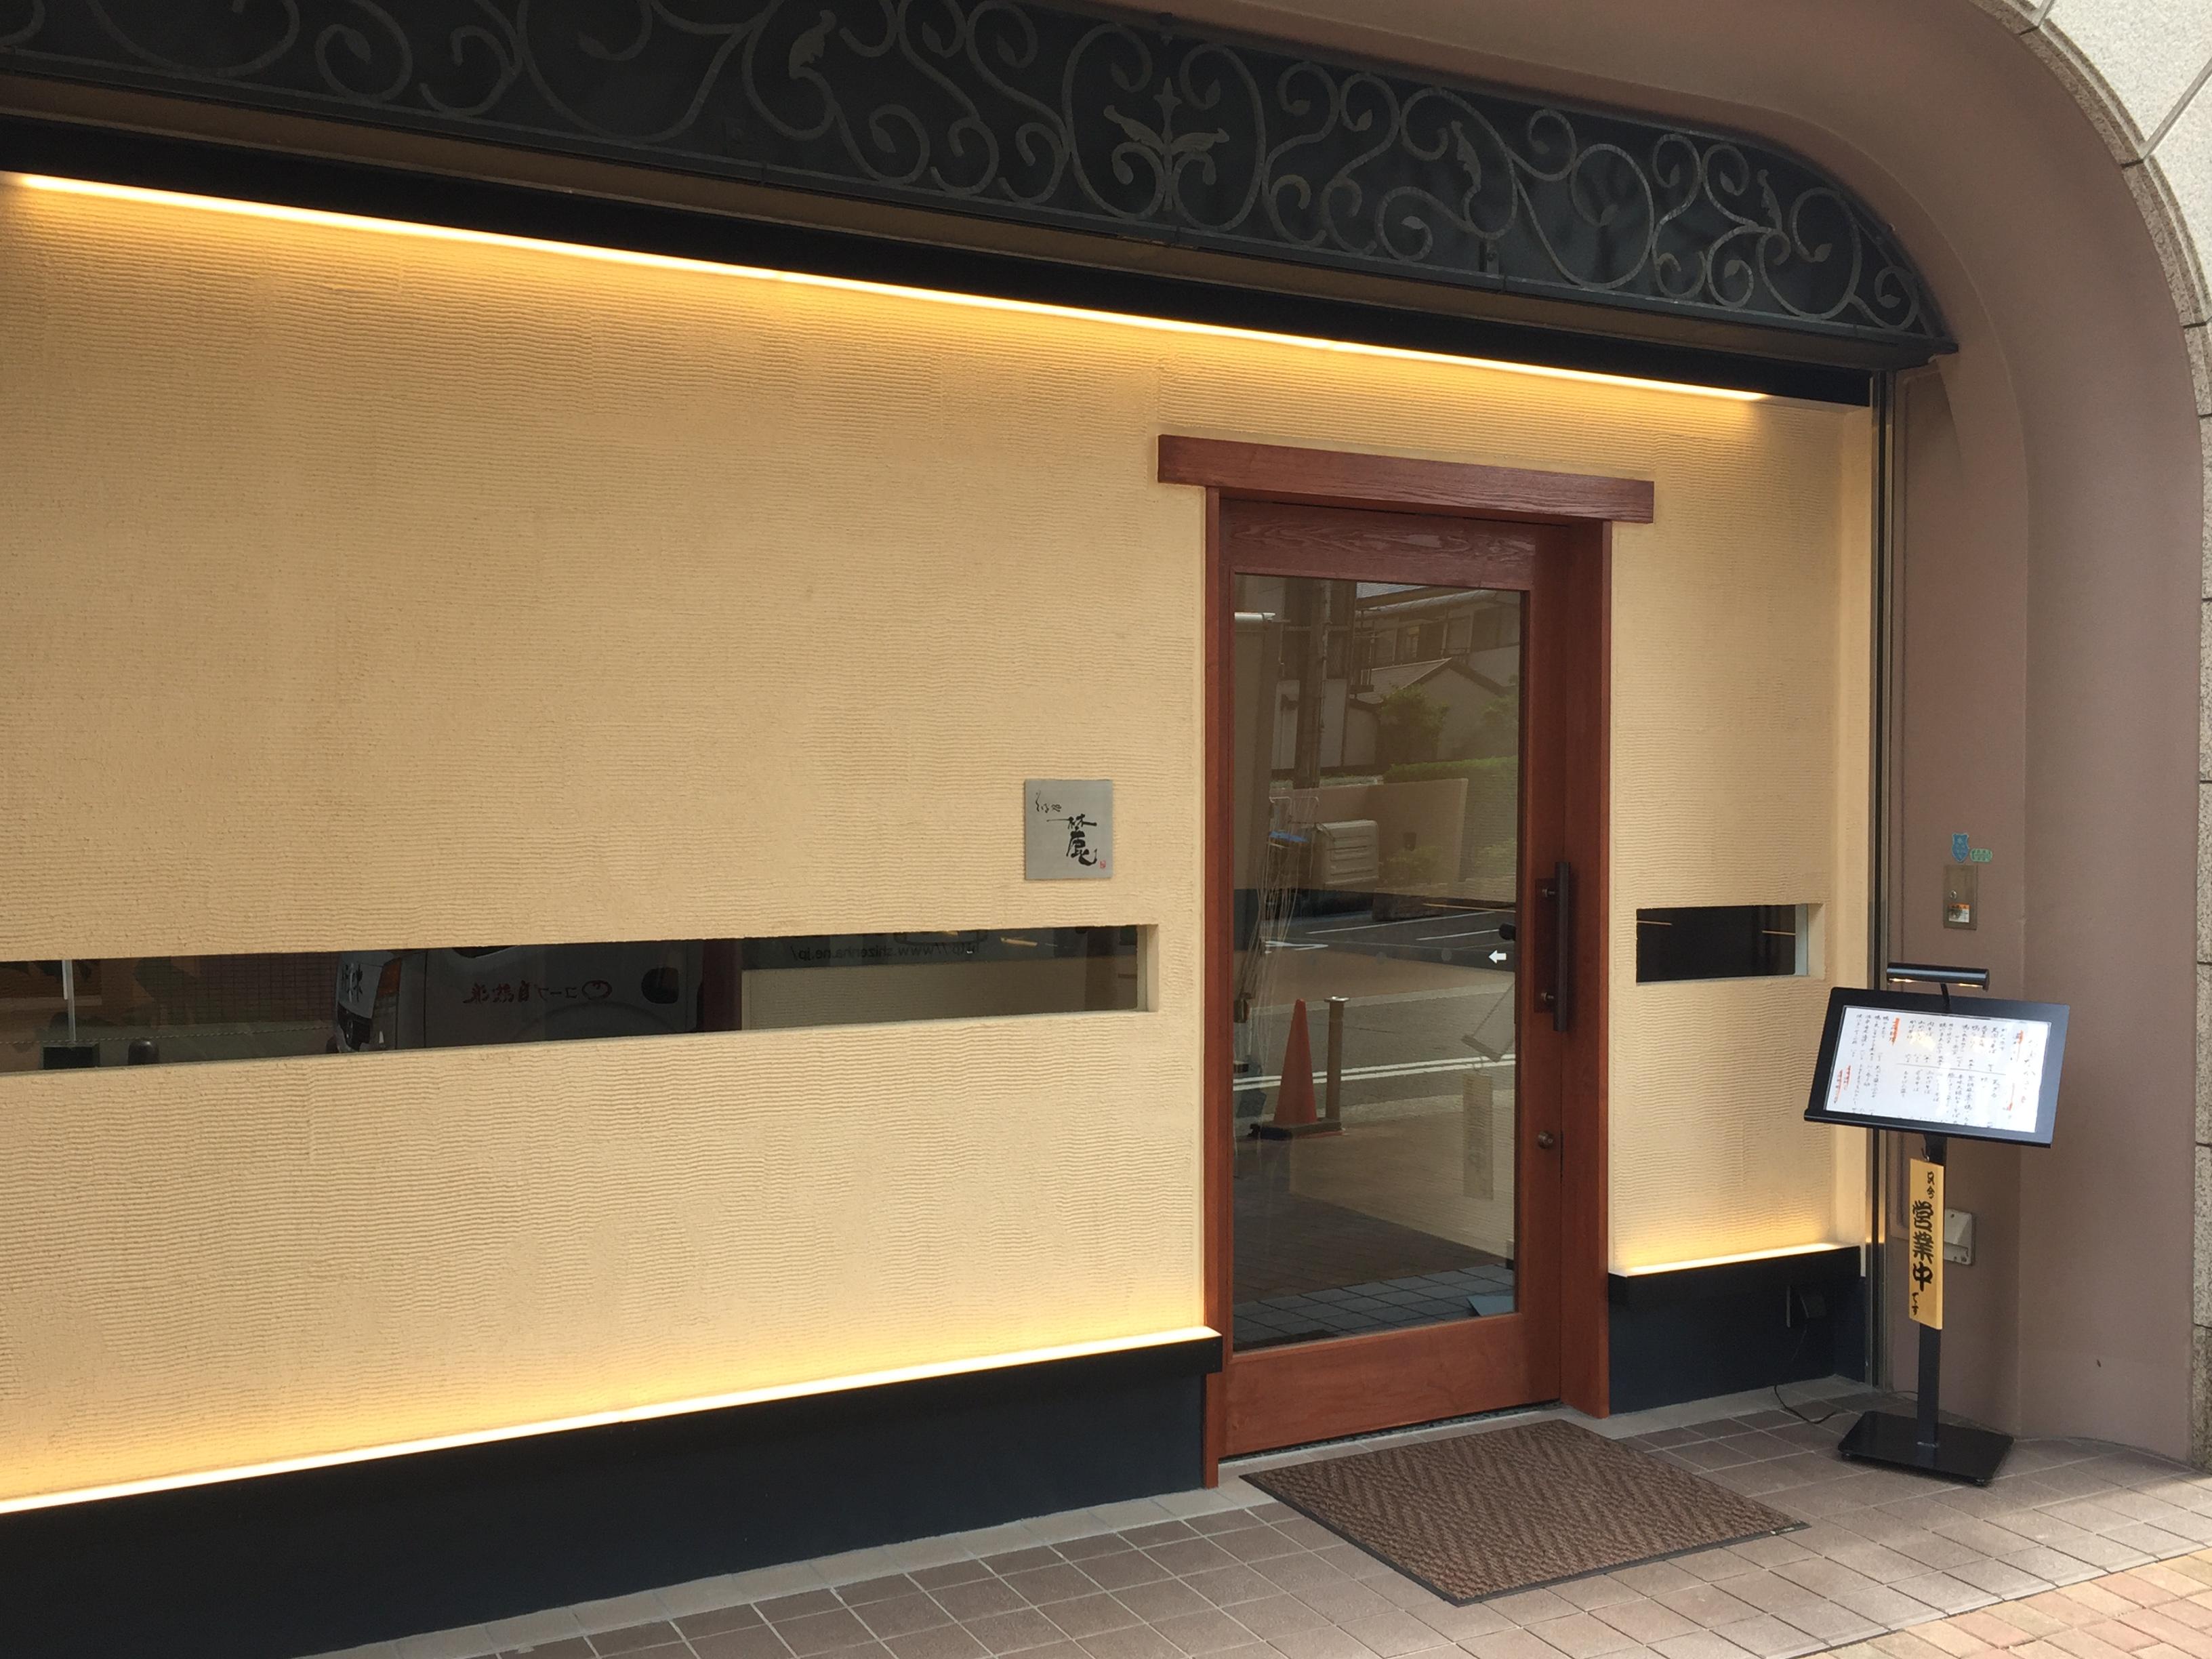 神戸・摂津本山駅南側に「そば処 麓(ふもと)」がオープしているよ【お店のご紹介】